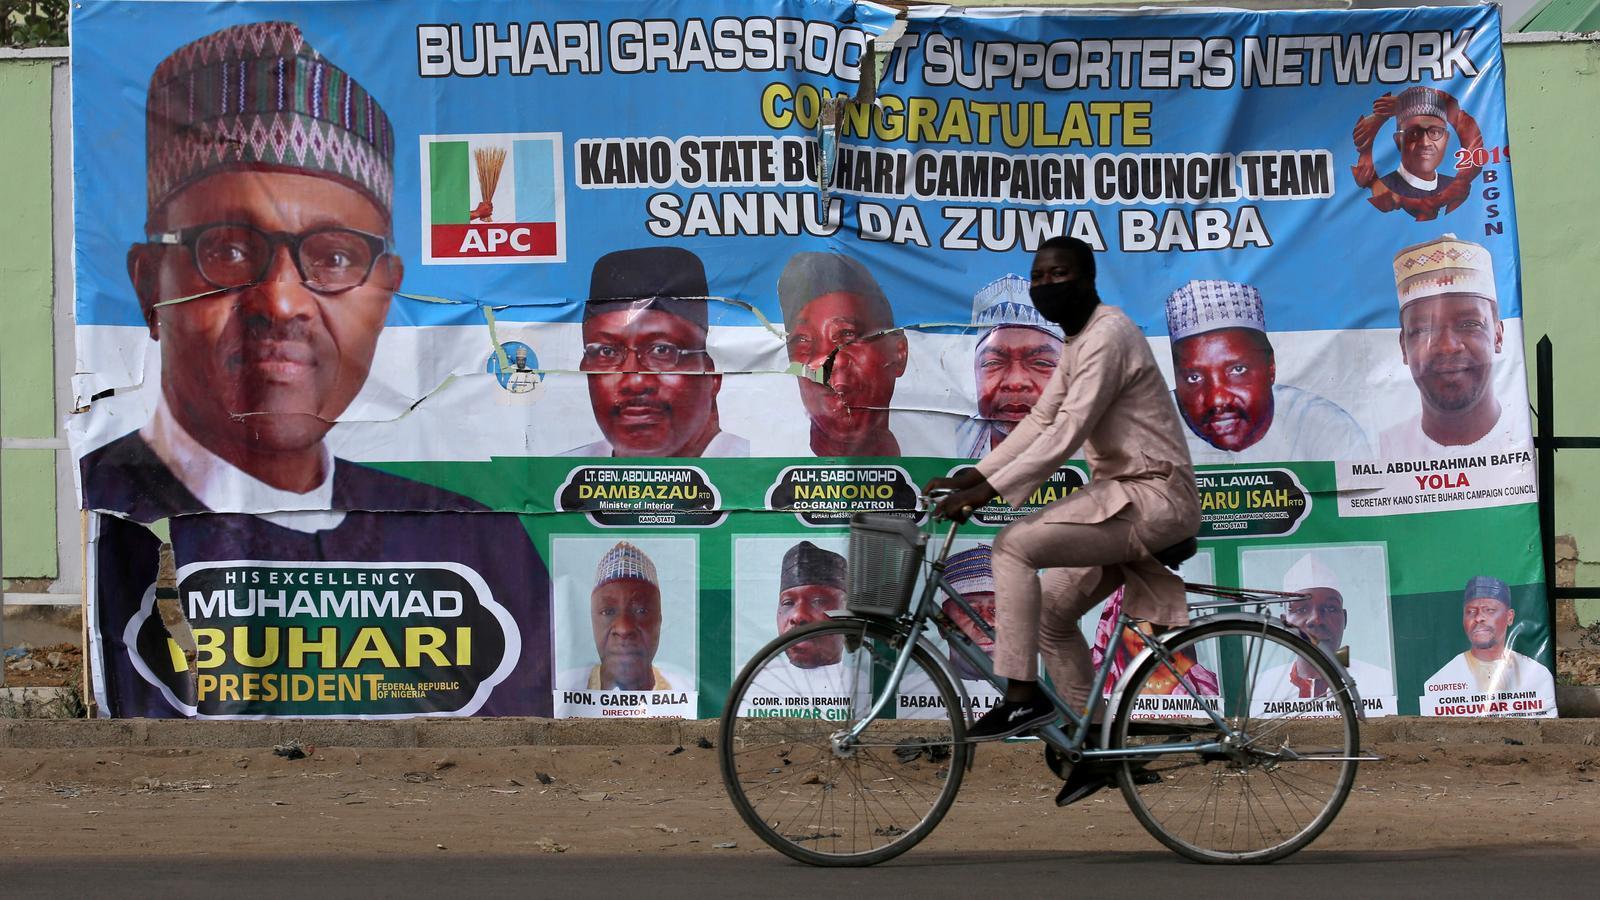 Un home passa per davant d'un cartell que demana el vot per la reelecció del president Buhari